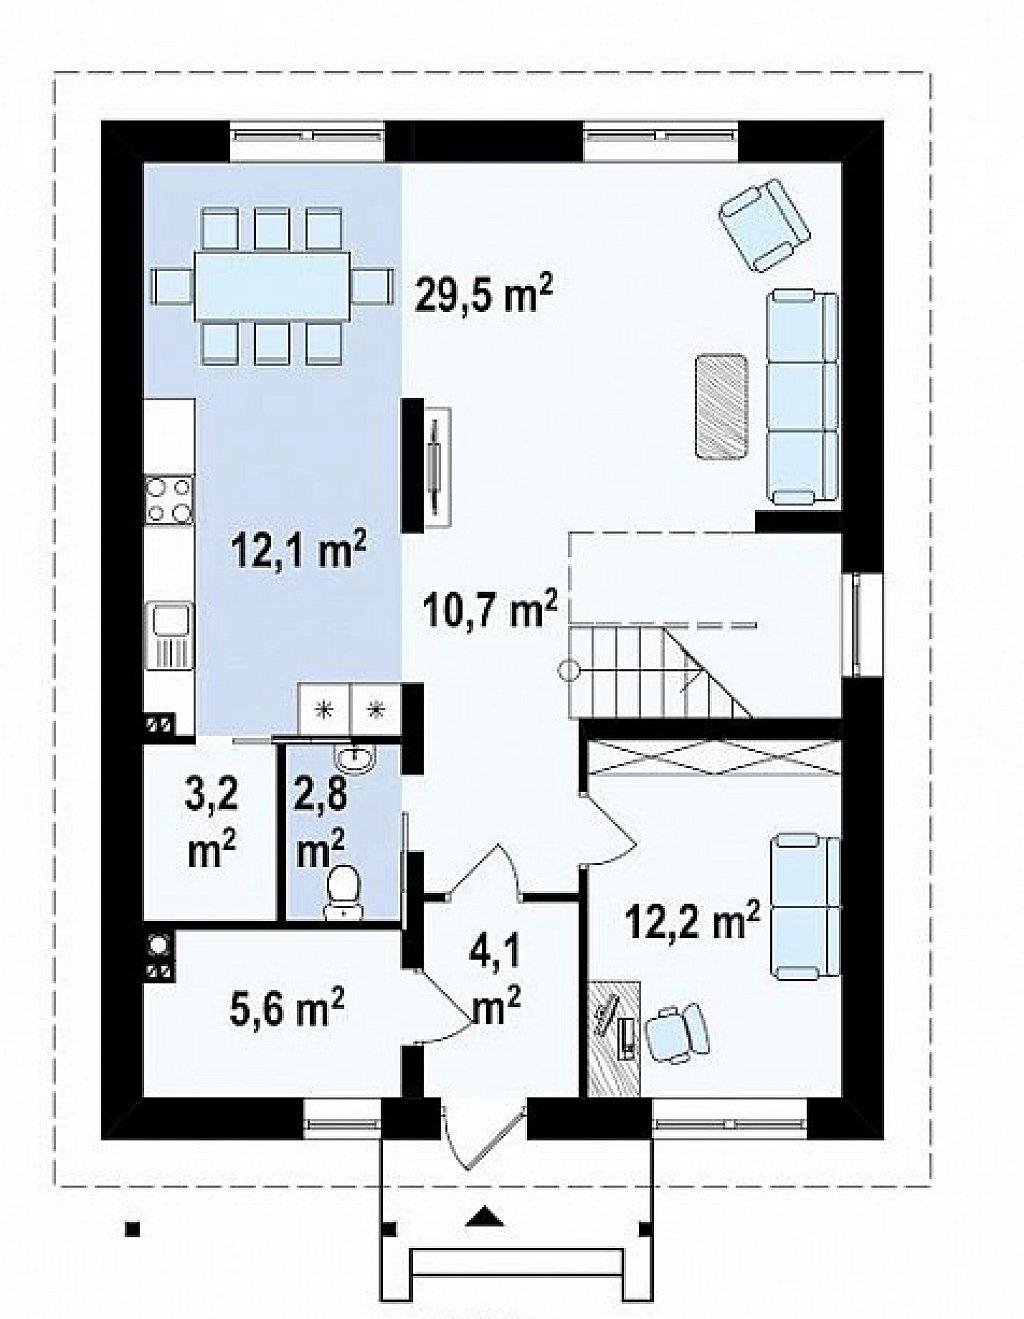 Проект элегантного дома с четырехскатной кровлей. план помещений 1